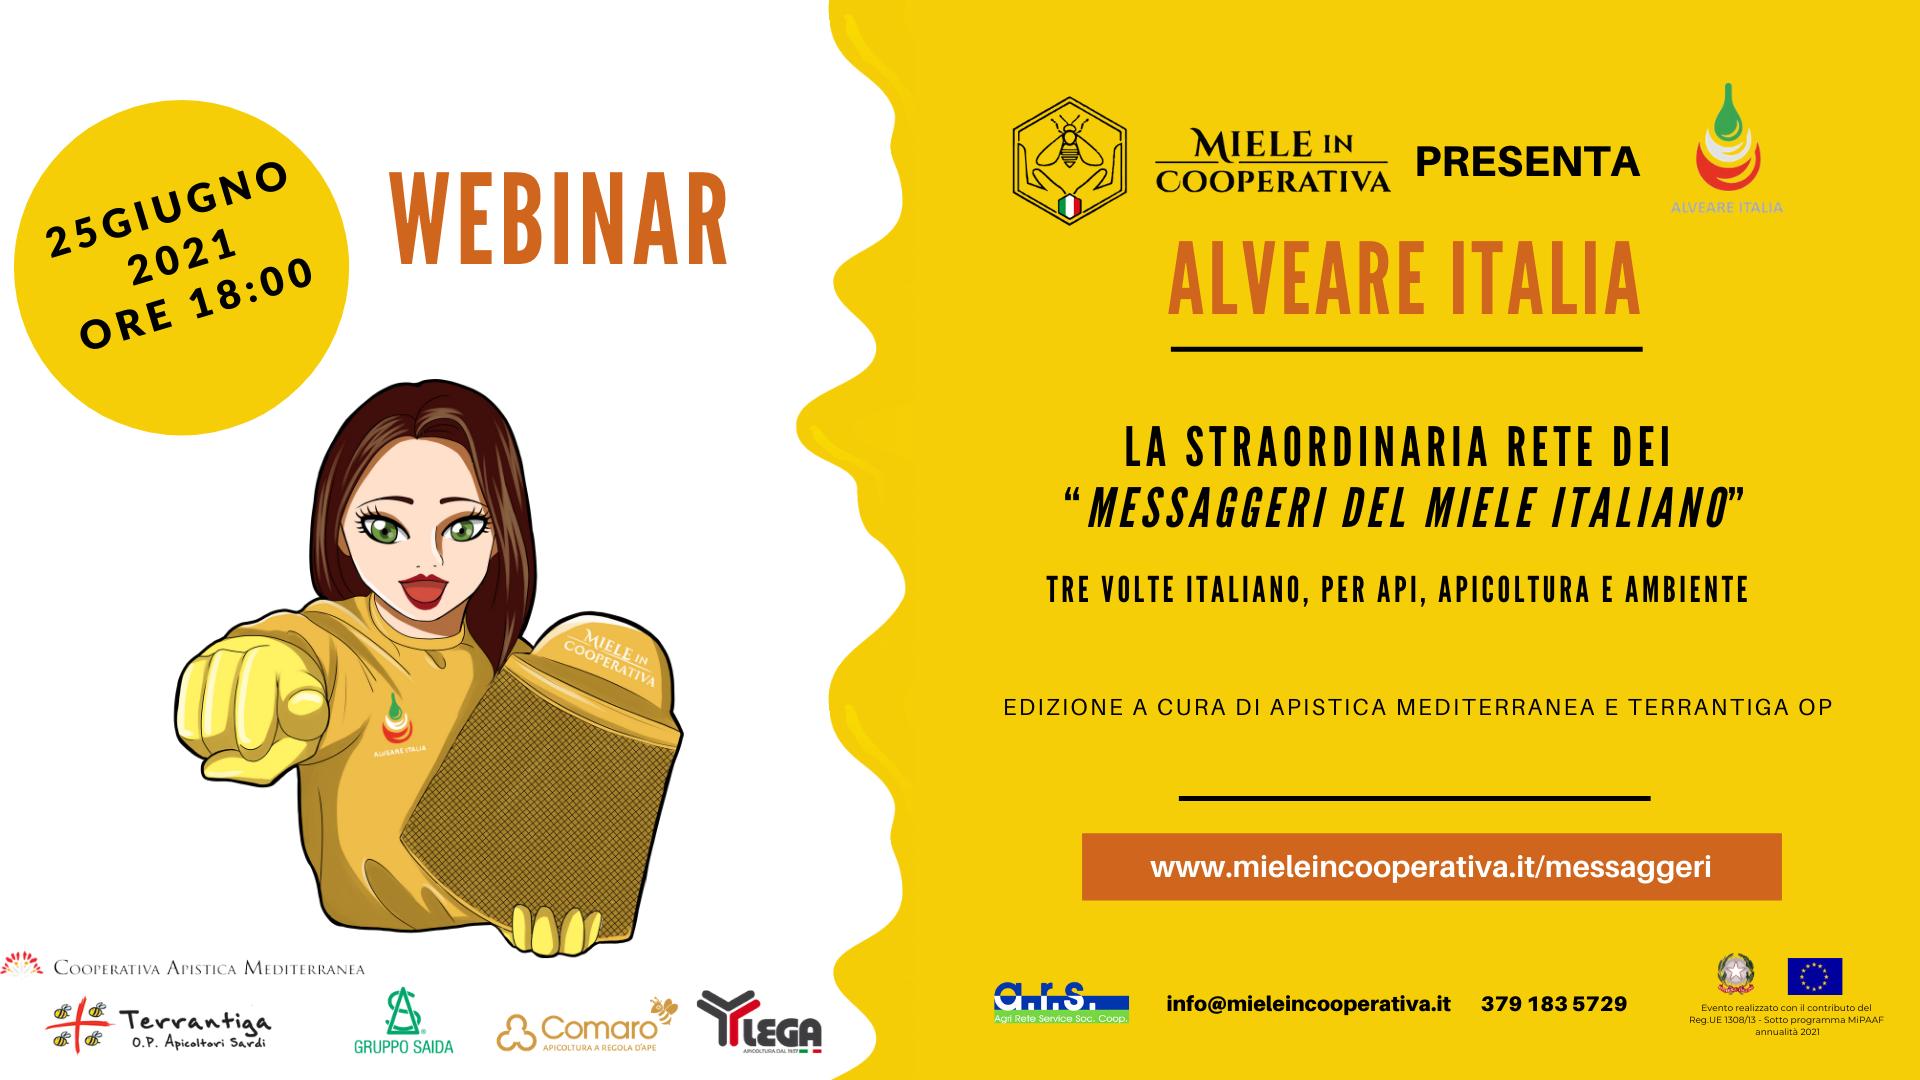 You are currently viewing Venerdi 25 giugno, ore 18:00, webinar del Progetto Alveare Italia.